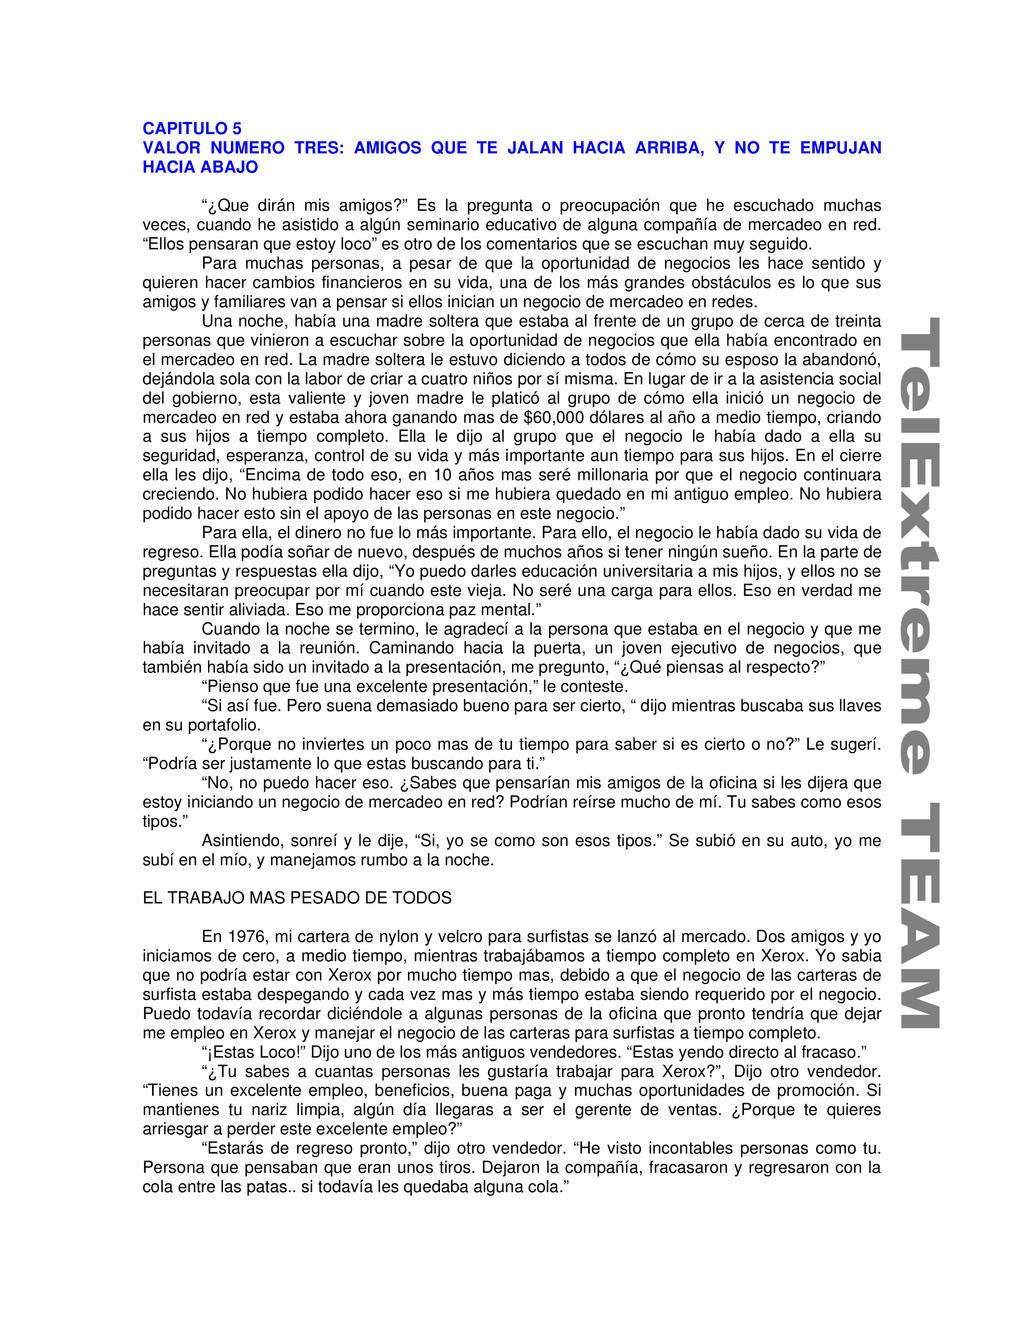 CAPITULO 5 VALOR NUMERO TRES: AMIGOS QUE TE JAL...